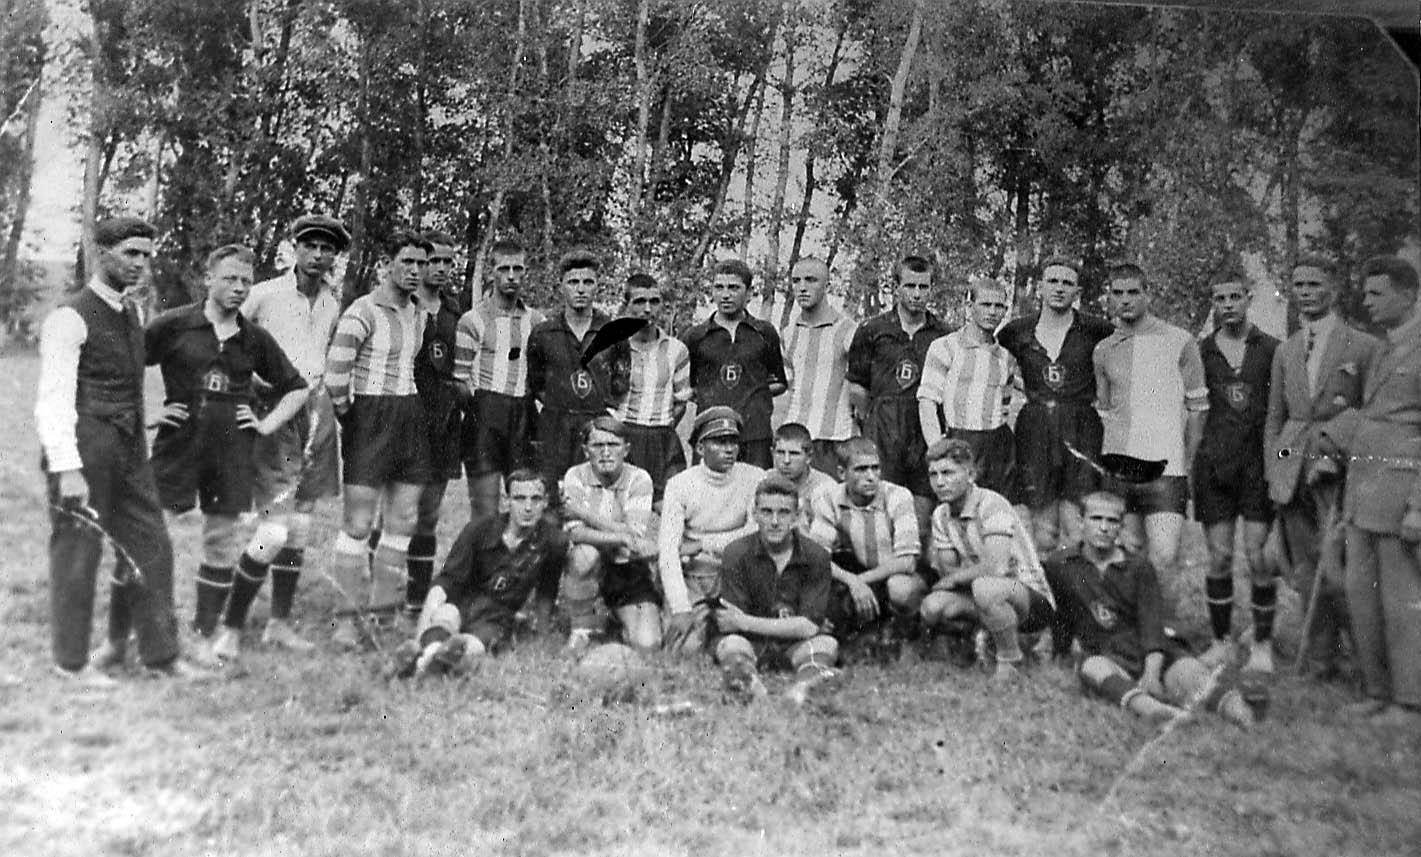 Ботев (Пазарджик) – Марица (Пловдив) 6:0 – приятелска среща на 2 юни 1926 г.